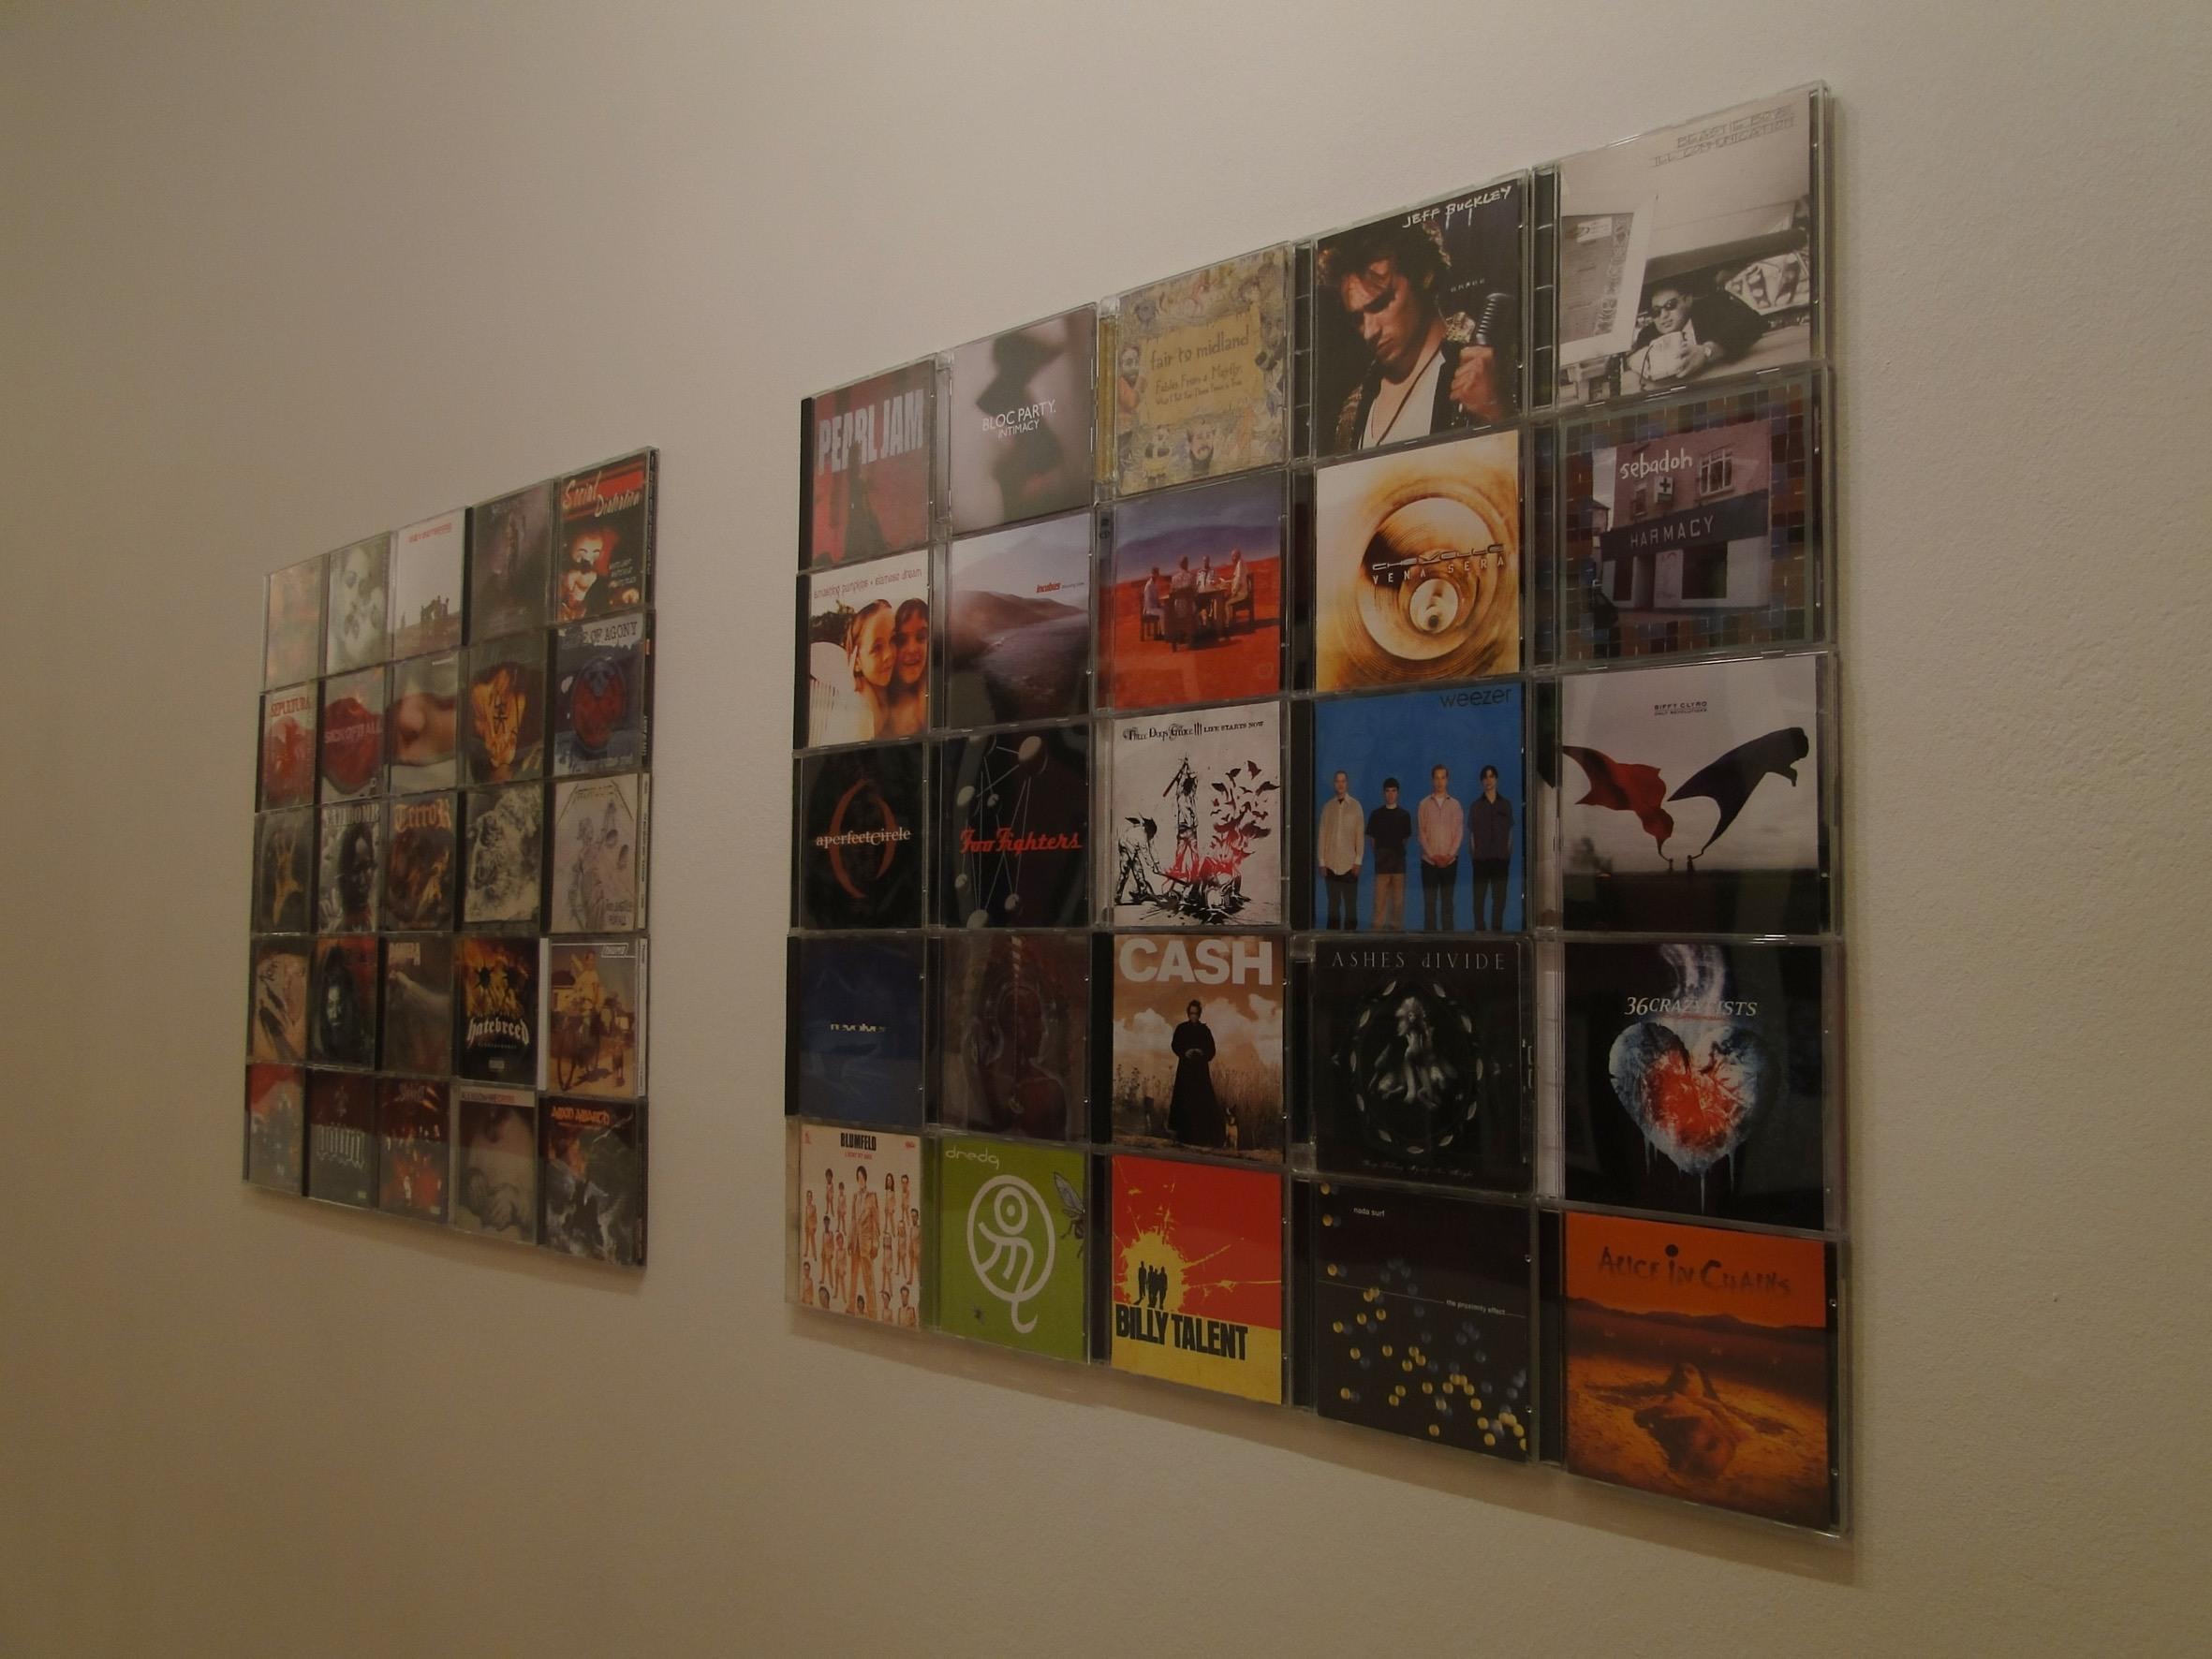 cd wall5x5 mehr als nur ein cd regal mit unserer cd. Black Bedroom Furniture Sets. Home Design Ideas